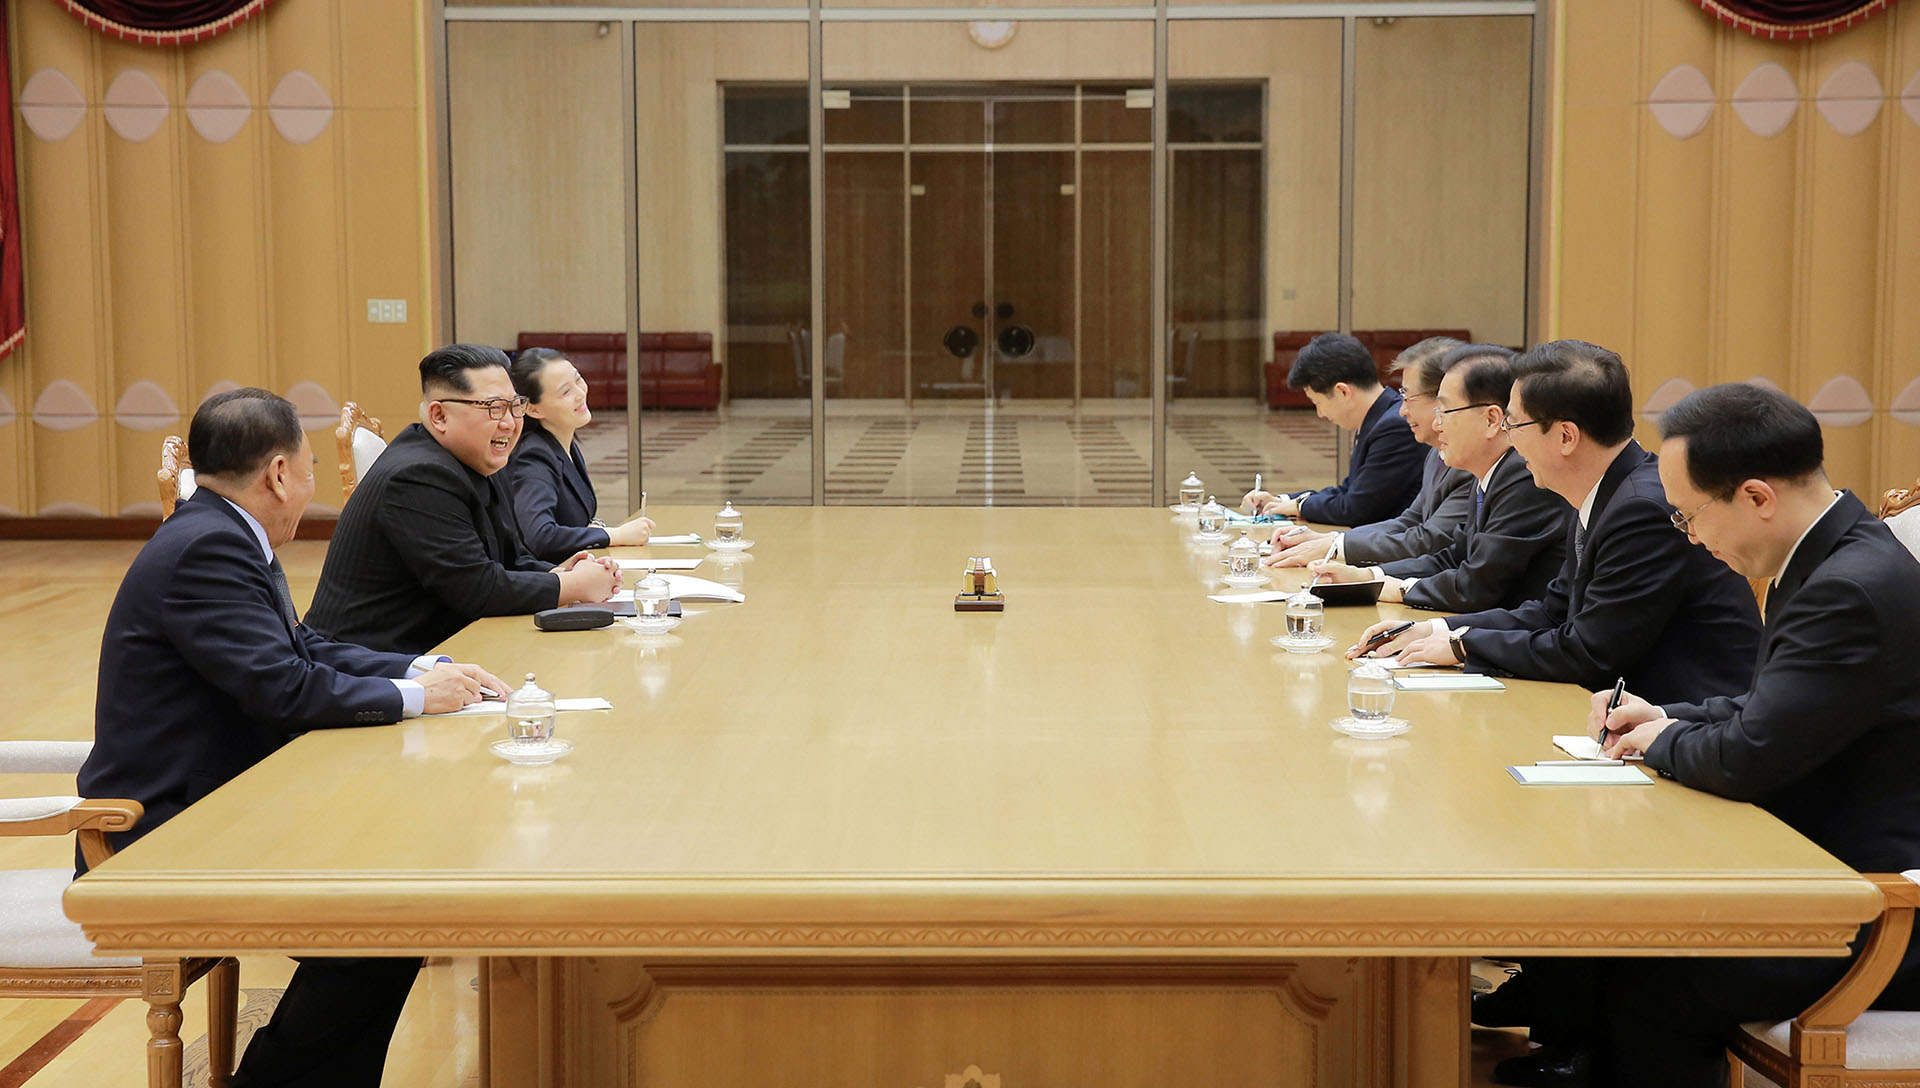 La delegación presiona para que el régimen de Pyongyang, en medio de una carrera nuclear, se siente a dialogar con Estados Unidos